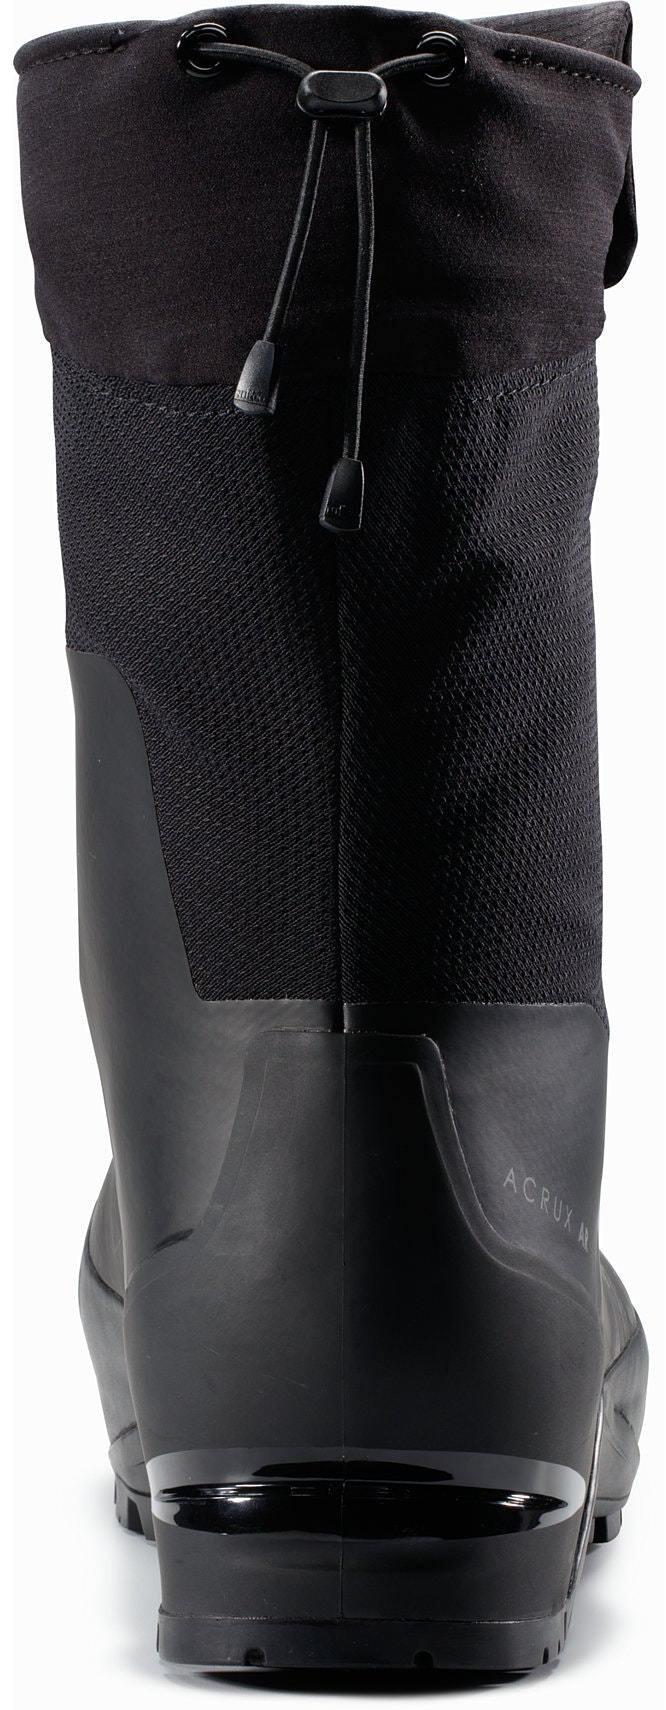 Arc'teryx Acrux AR GTX Boots blackblack